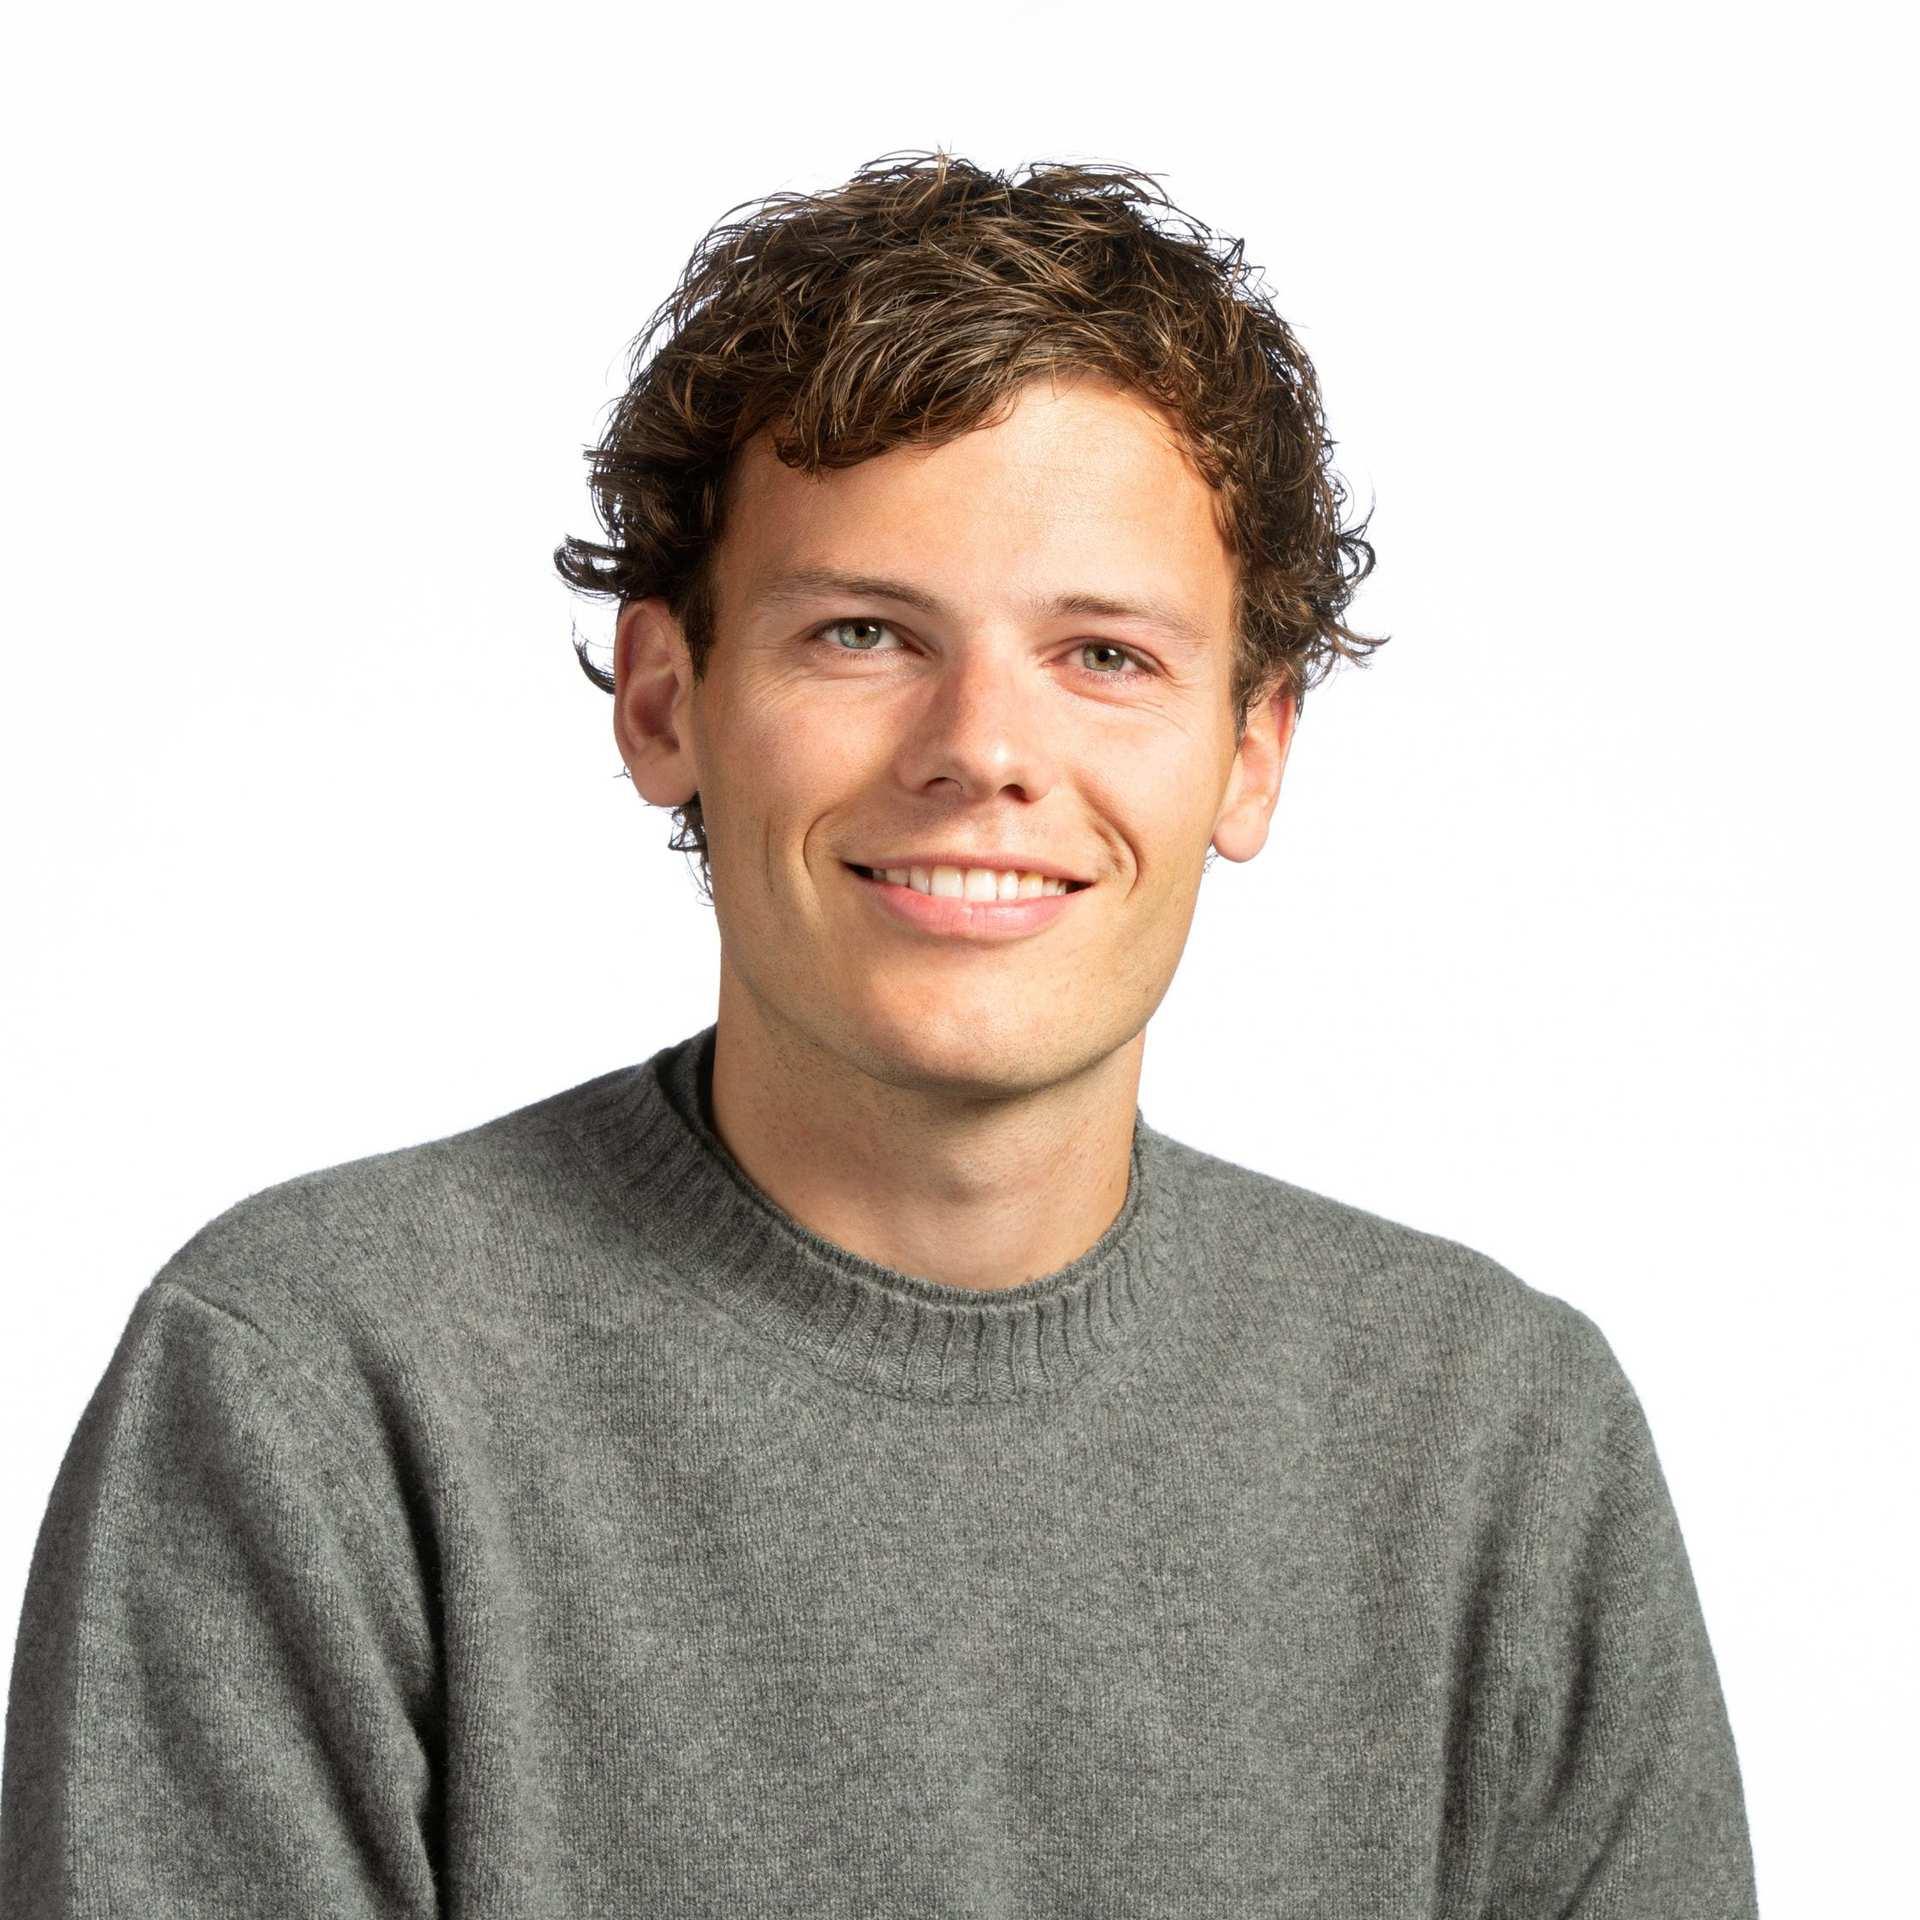 Tim van der Meij